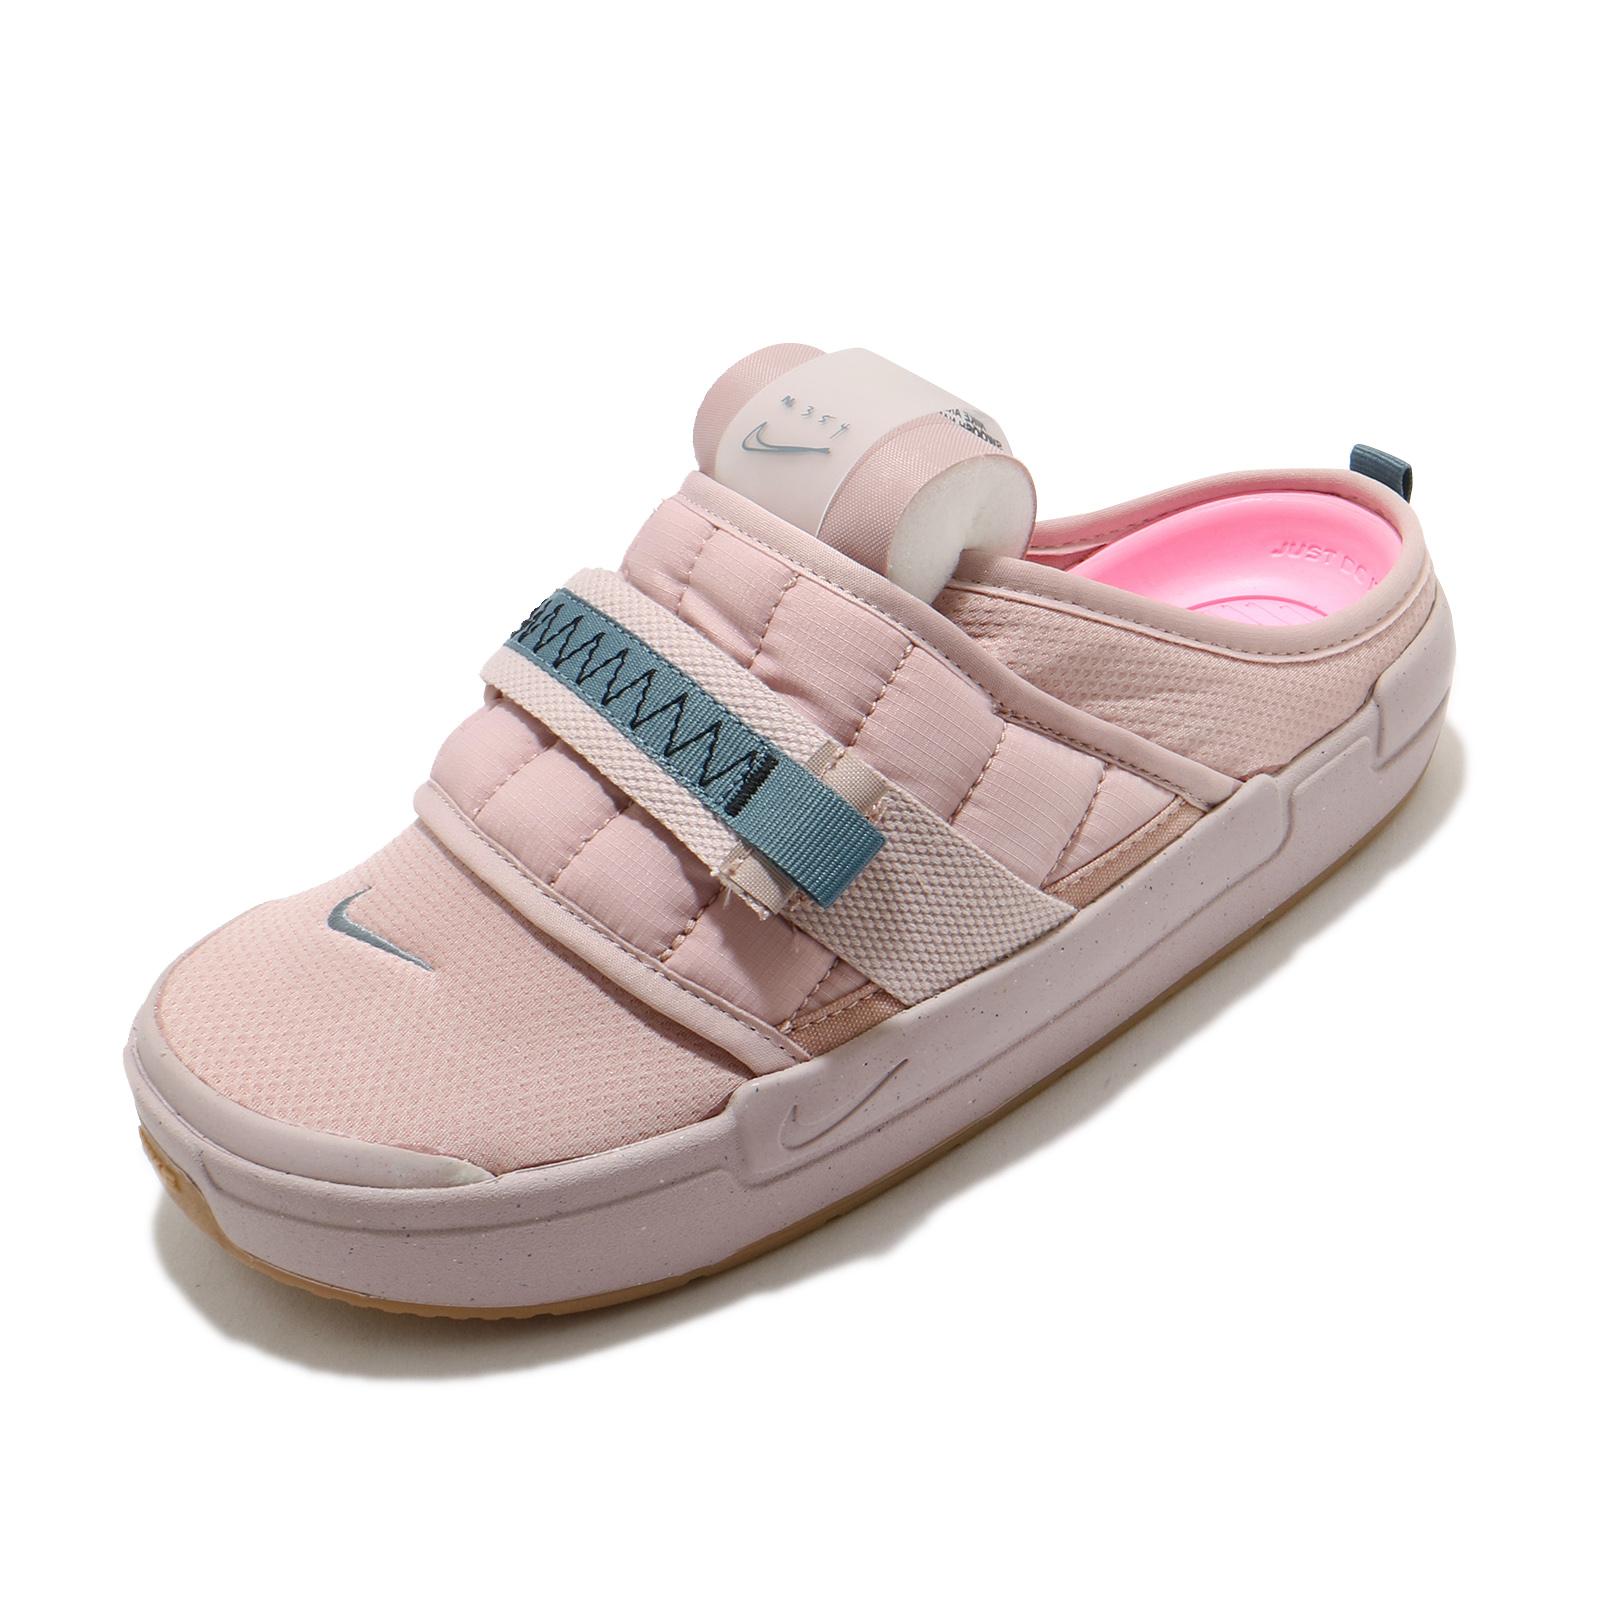 Nike 涼拖鞋 Offline 粉紅 藍 男鞋 柔珠內底 包頭拖 休閒鞋 N.354 【ACS】 CJ0693-200